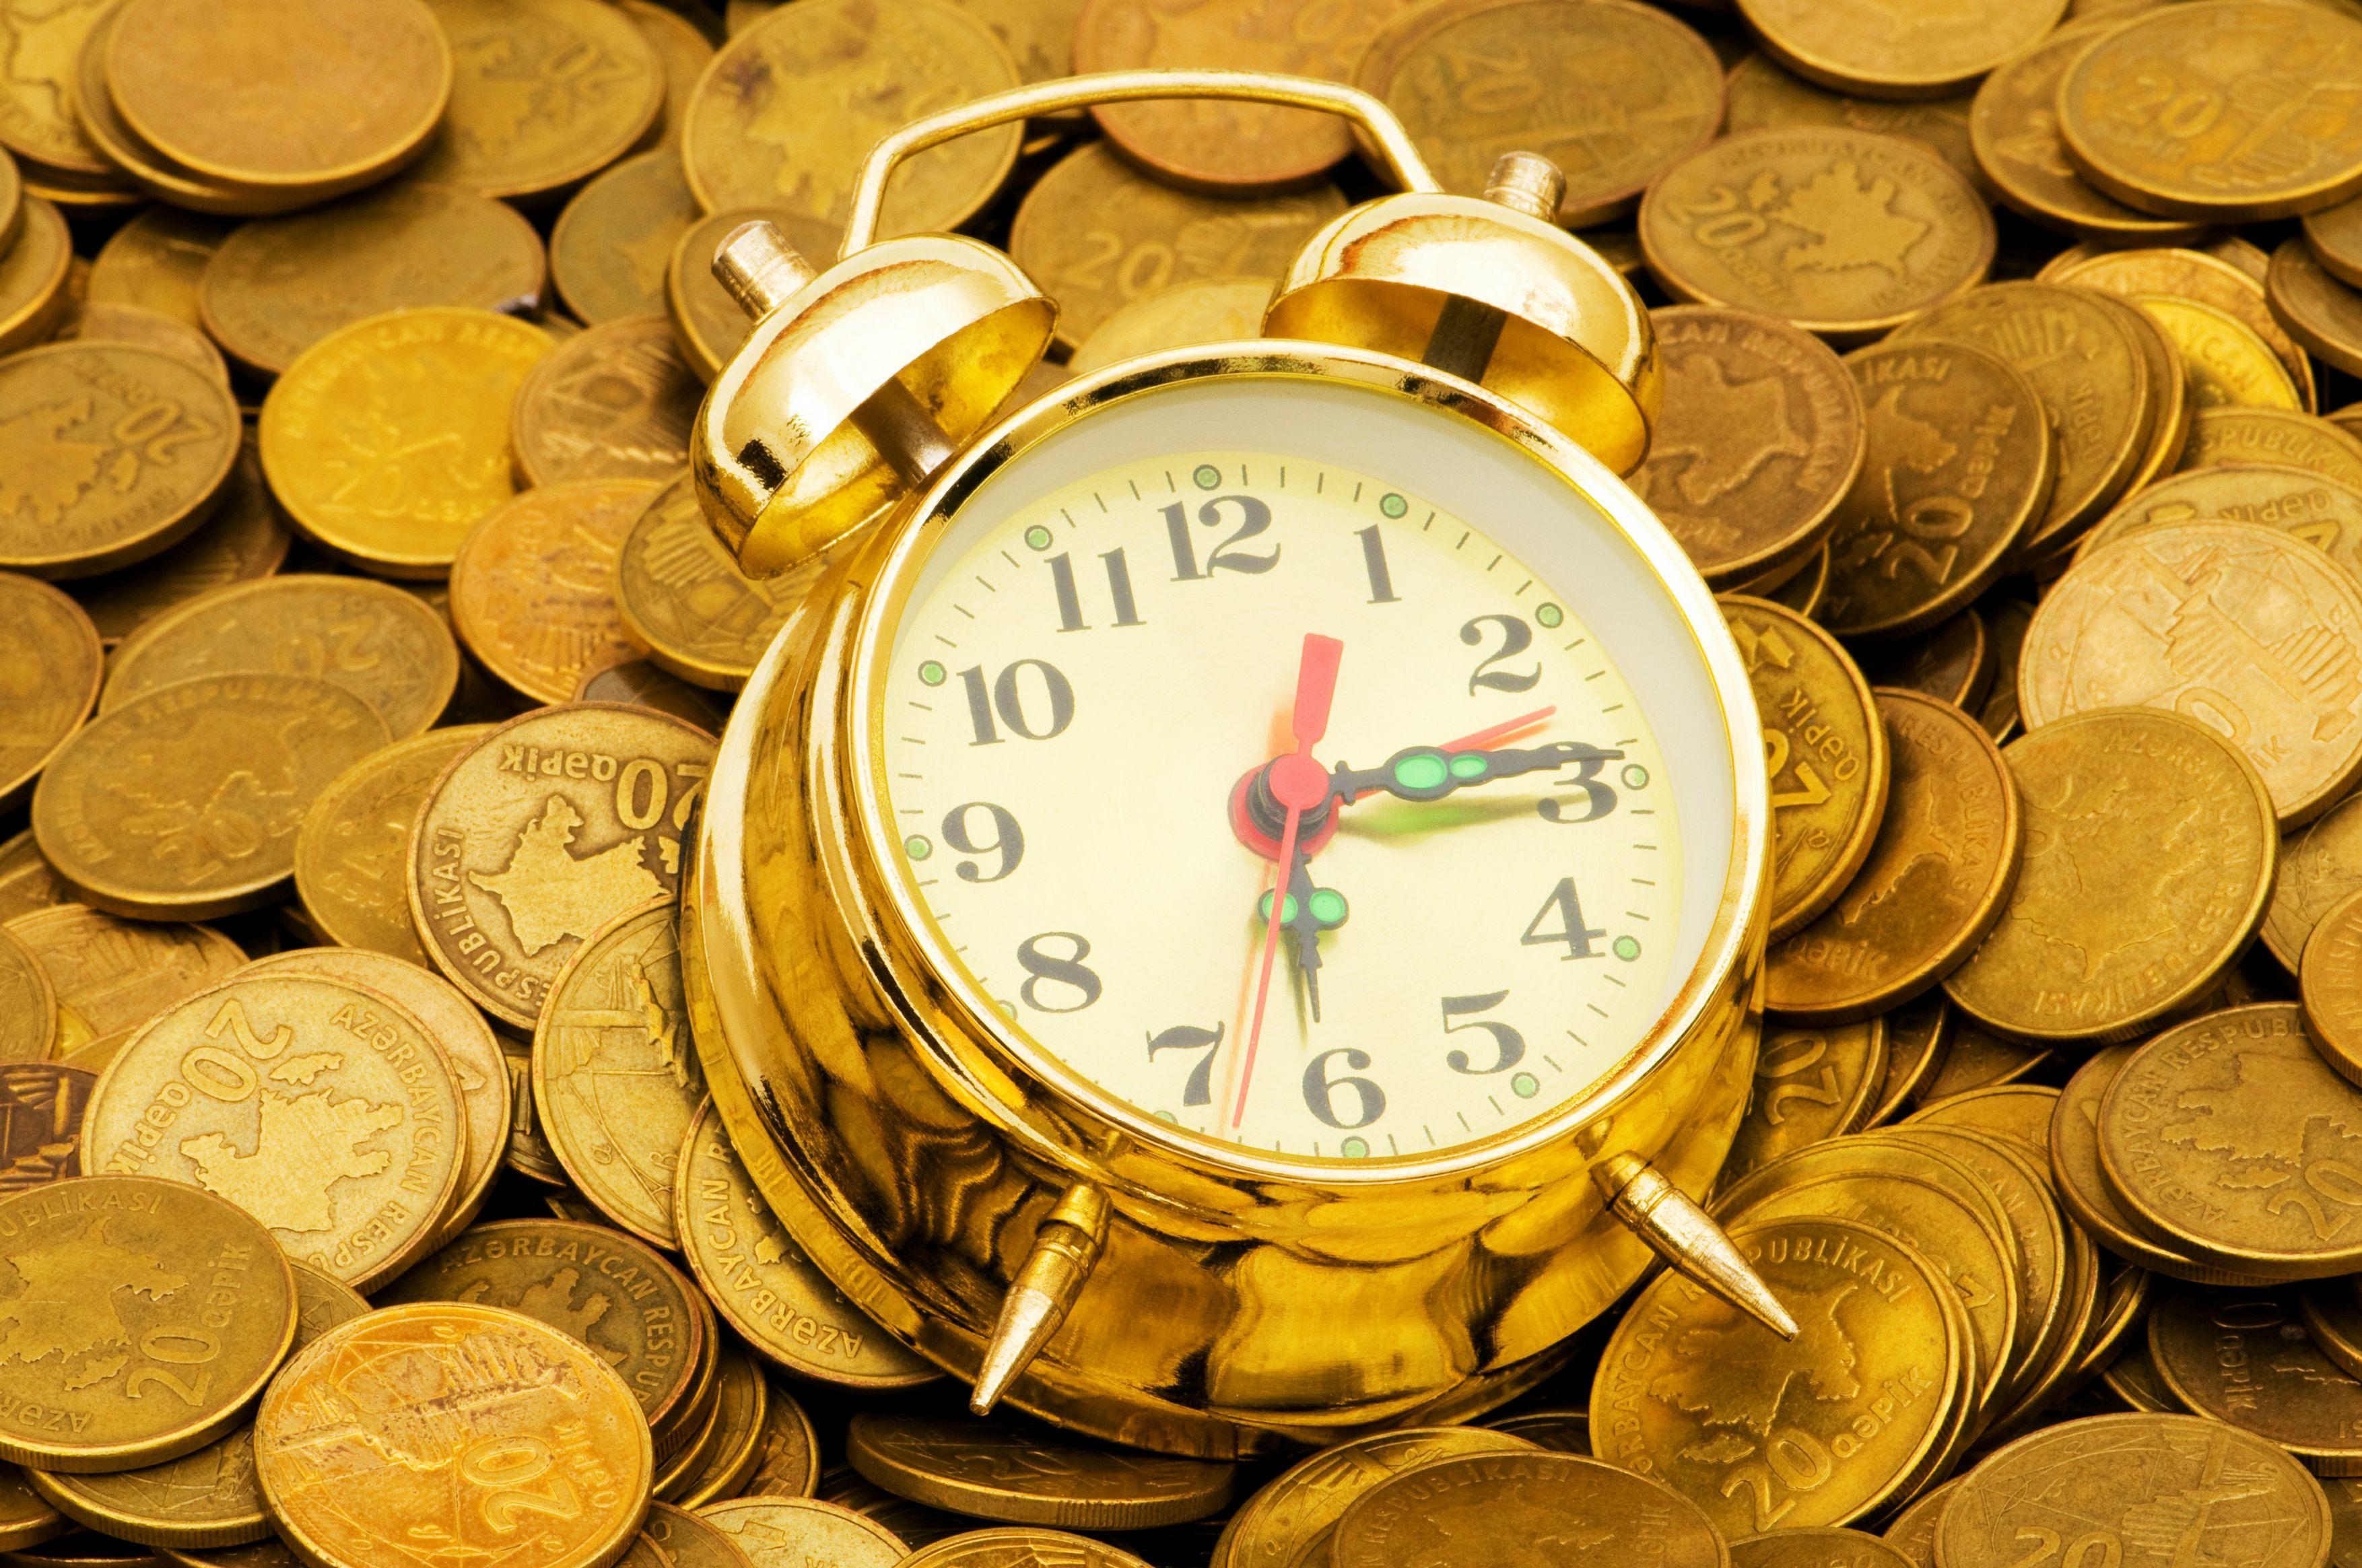 北上资金单周净流出创历史第三大纪录,净卖出129亿元!